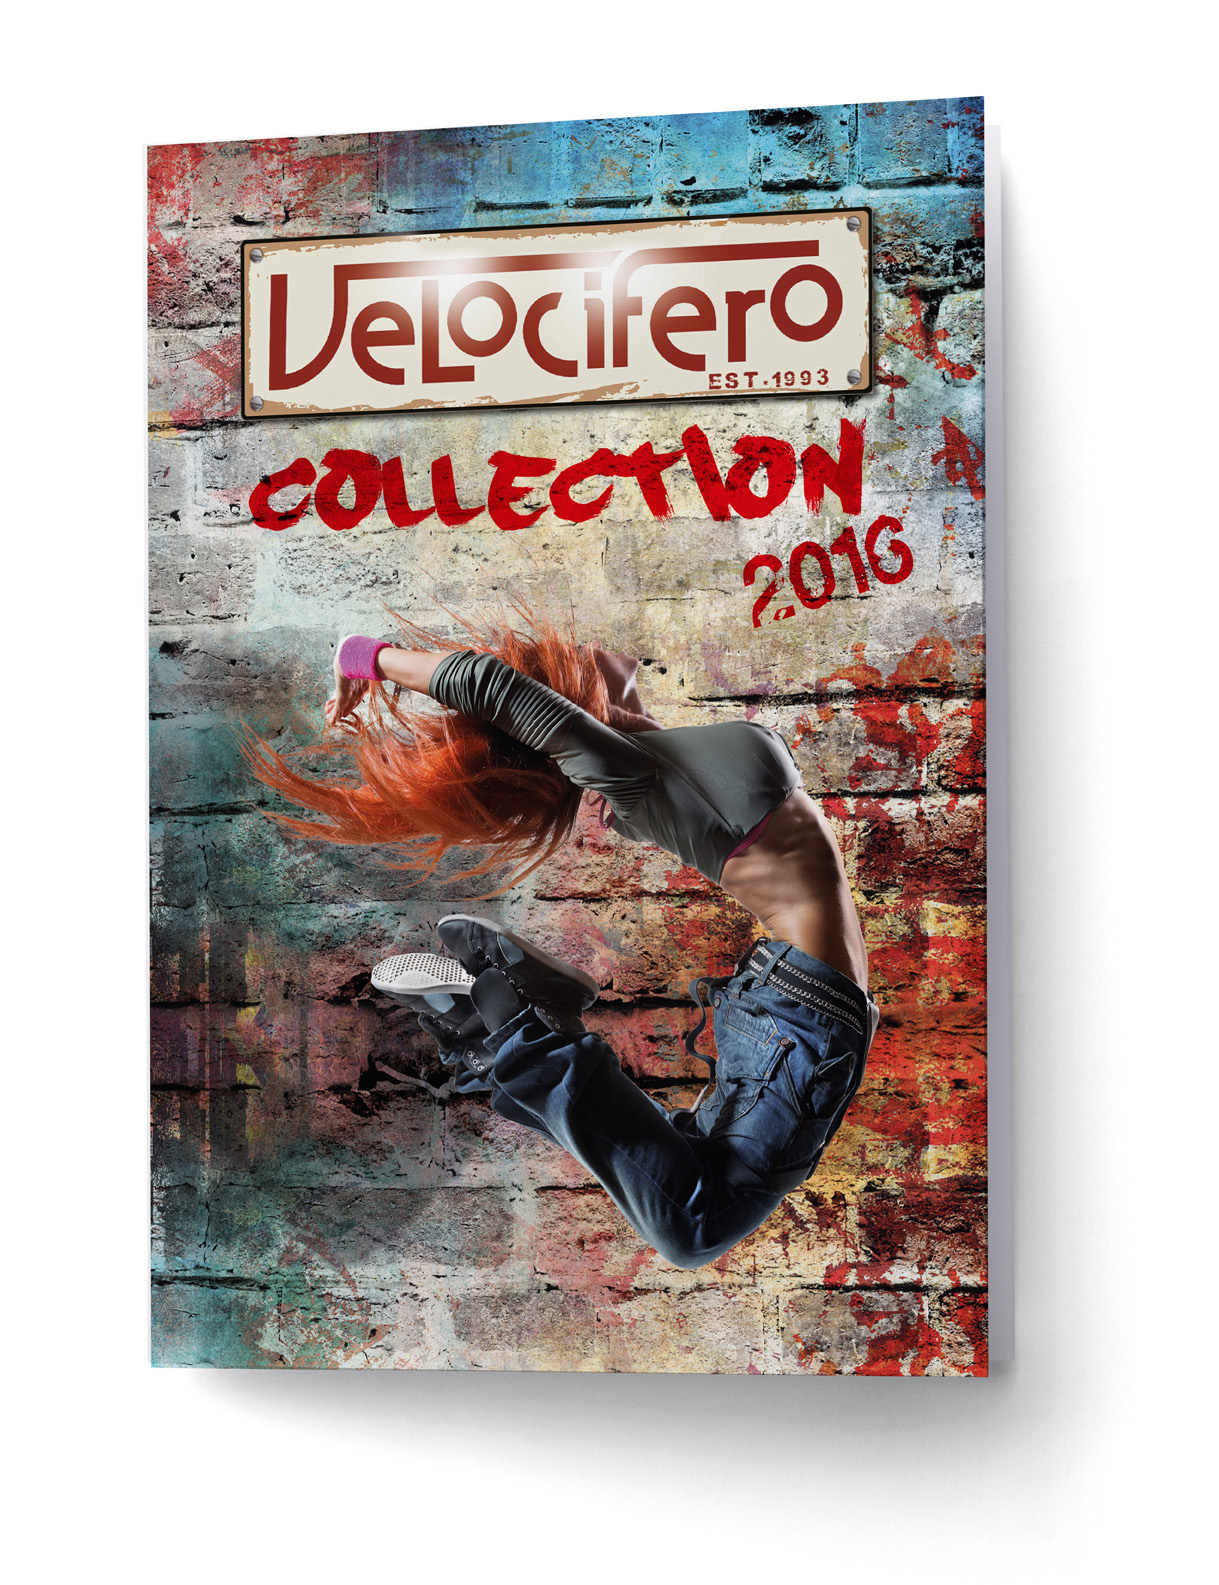 pieghevole-a5-velocifero-collection-2016-ideavale-pubblicita-bologna